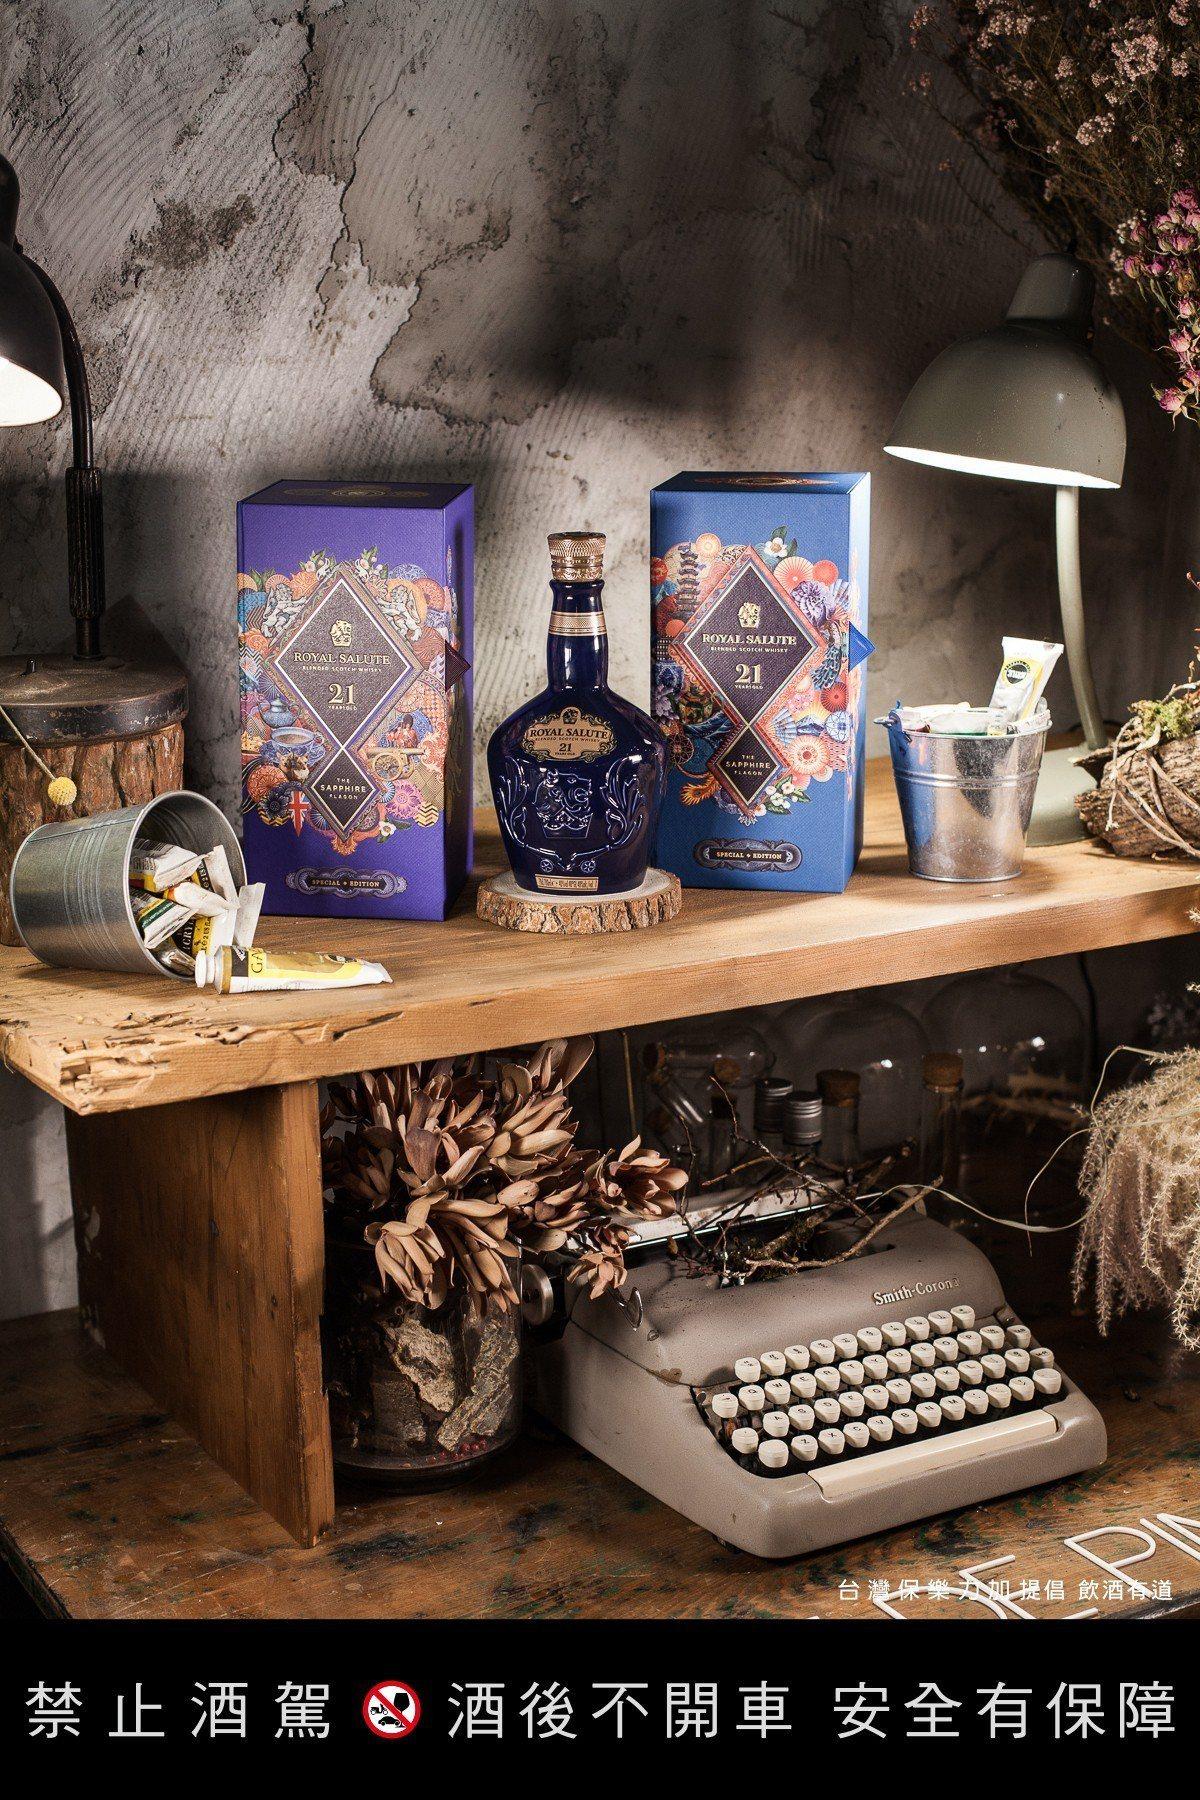 ▲皇家禮炮曾在國際大賽中被票選為「極品中的極品威士忌」。 圖/保樂力加 提供